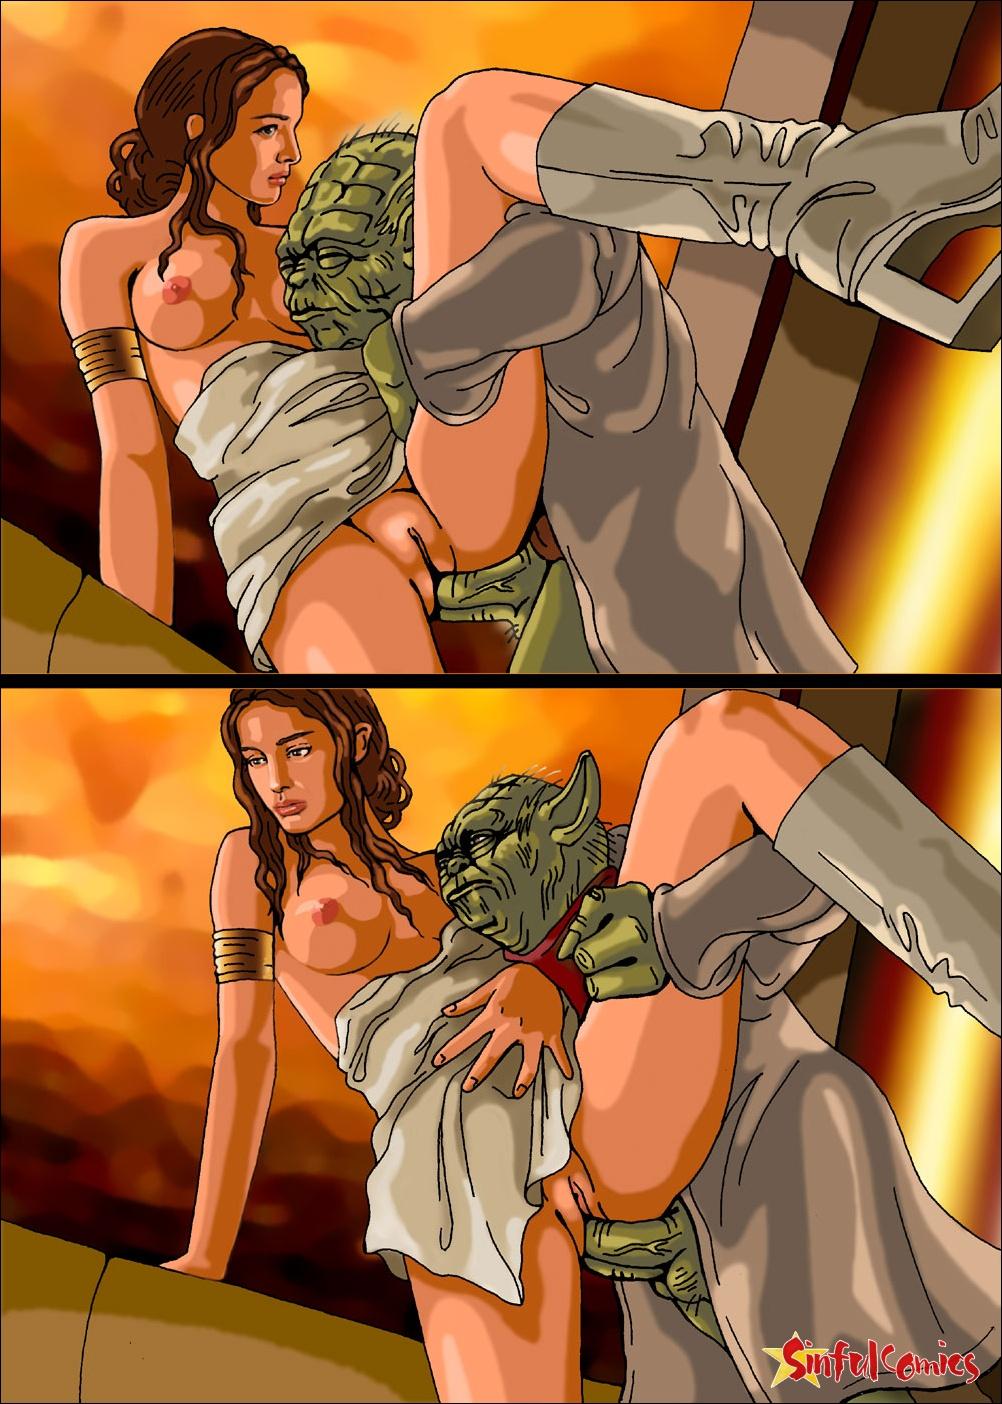 Star wars image henti adult films